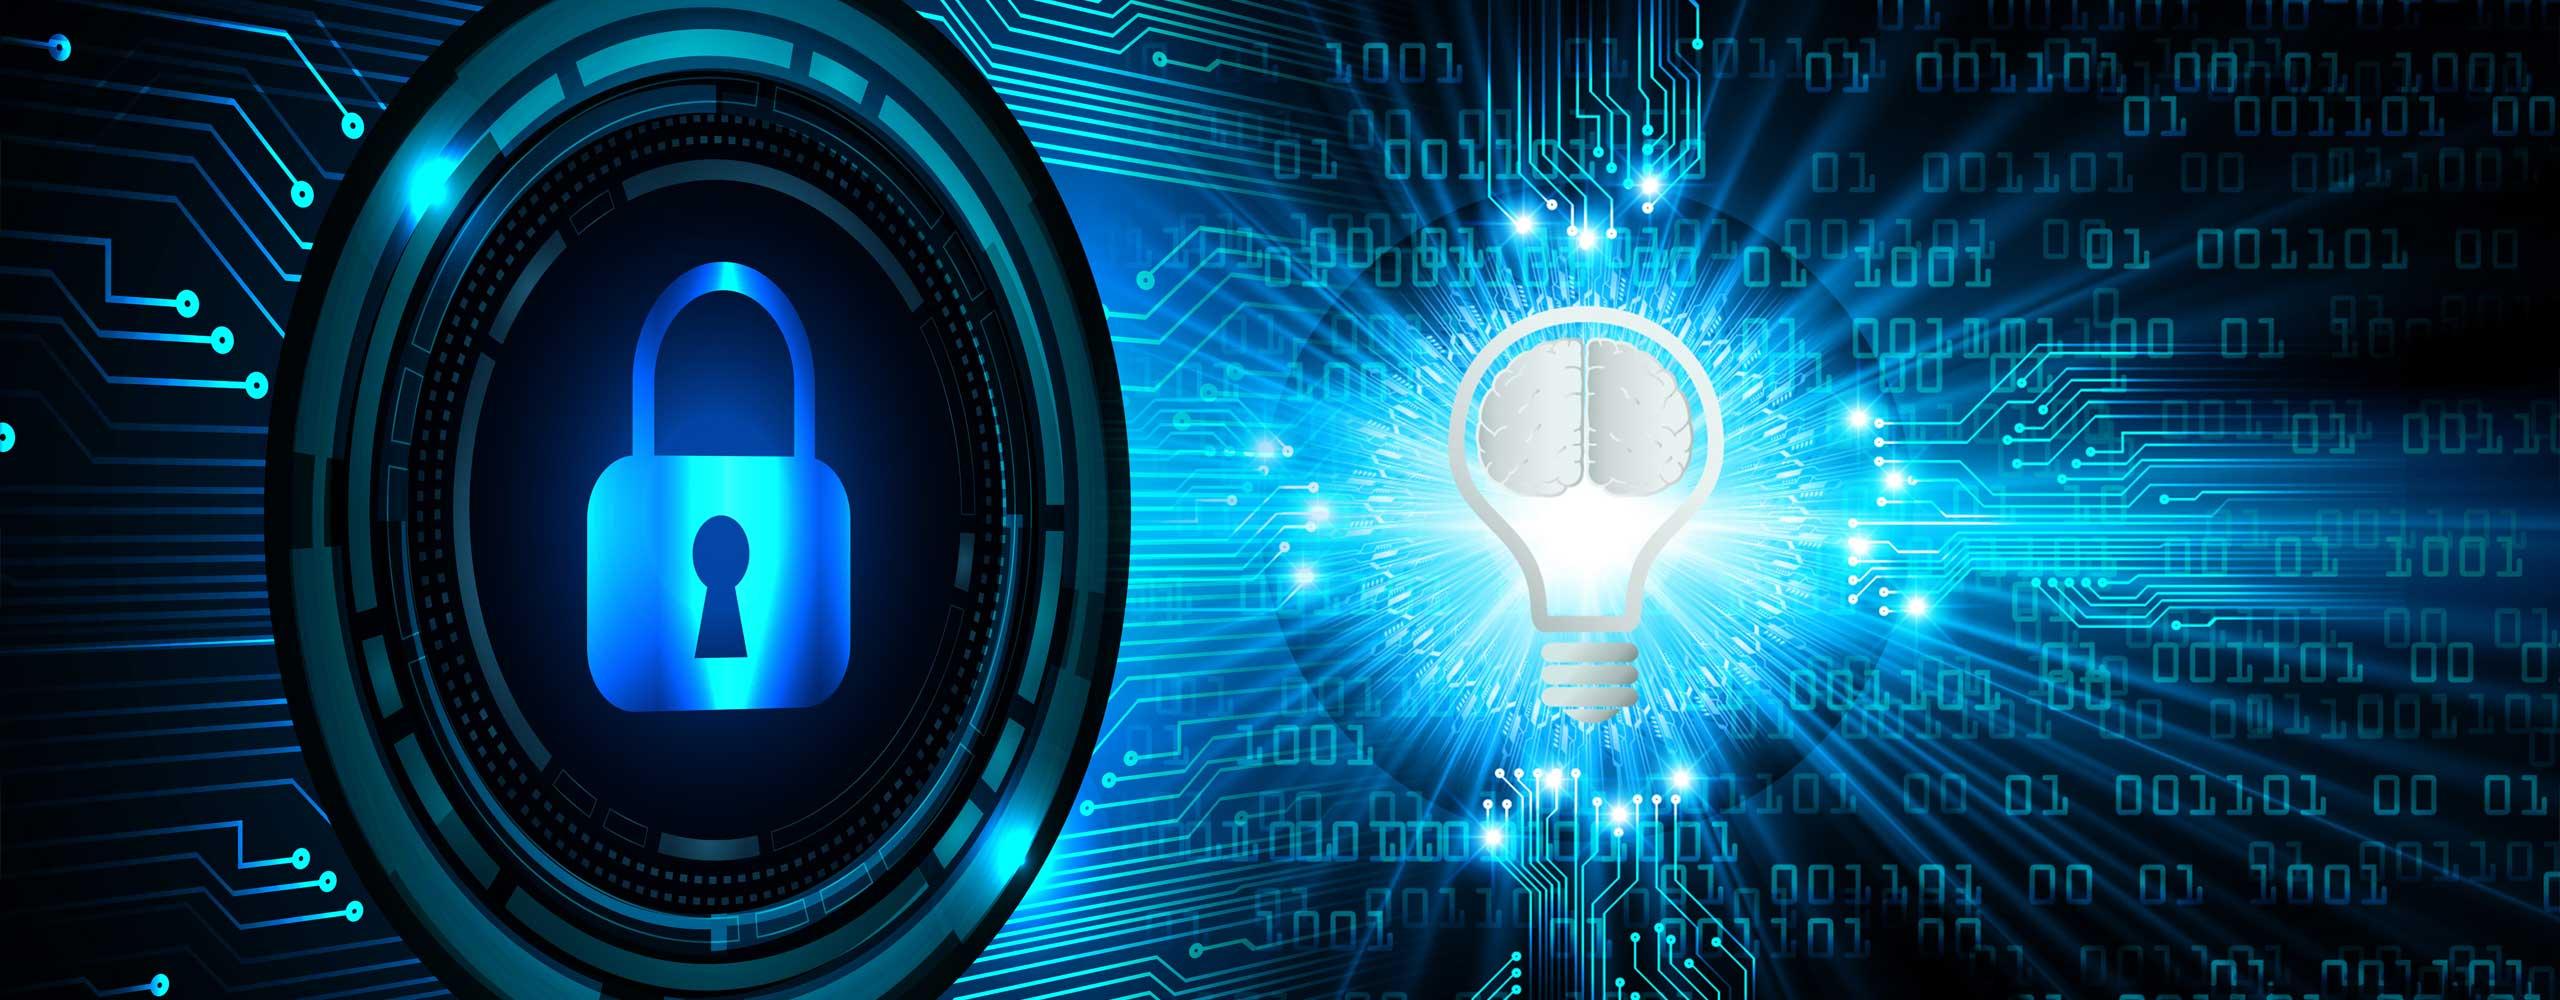 Digitalisierung Grenzen